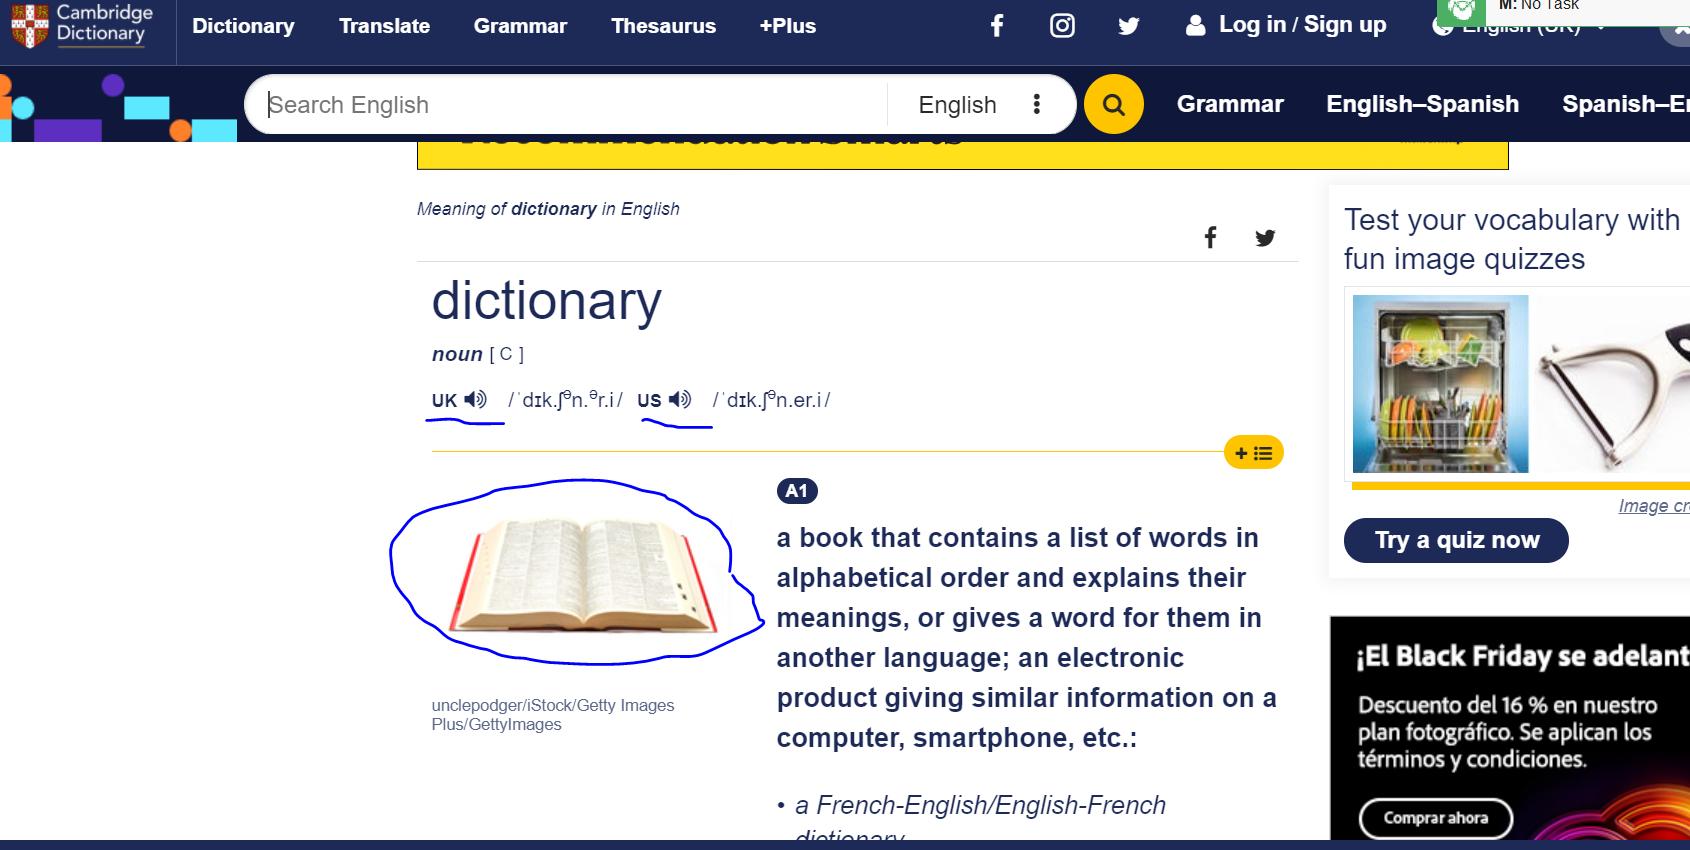 Cambridge Dictionary - хороший словарь по английскому для тех кто хочет быстро выучить английский язык.